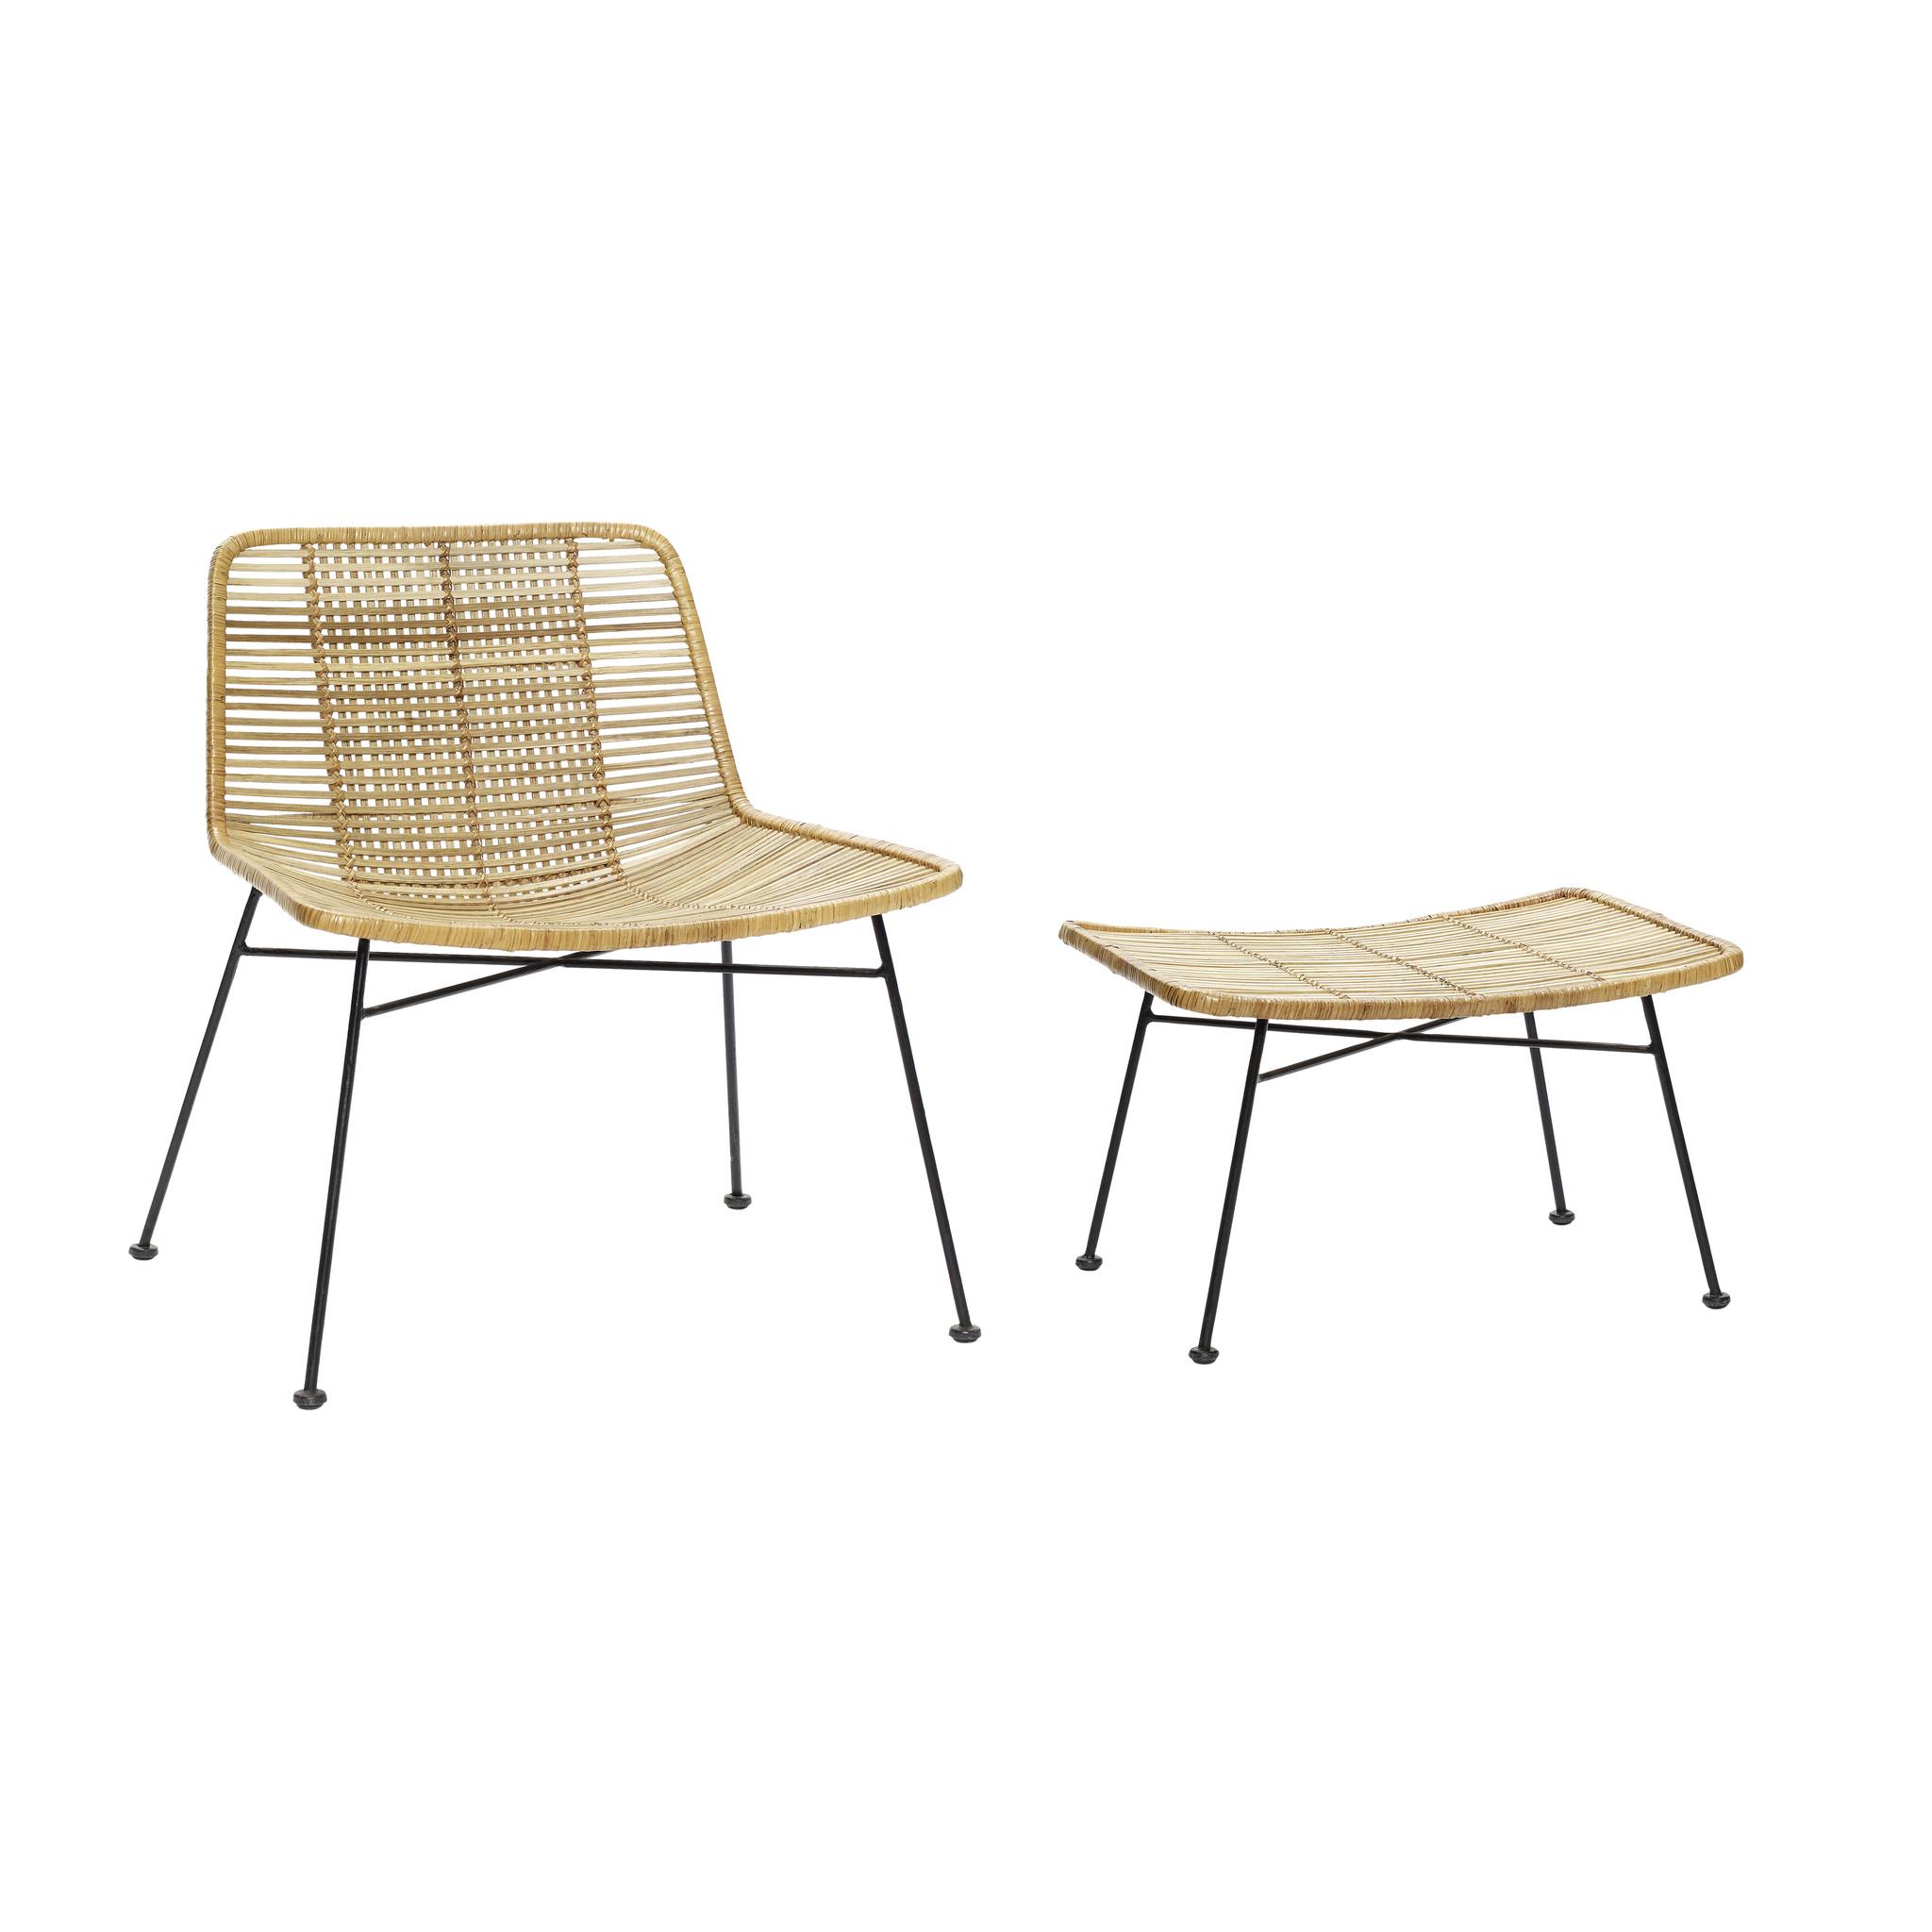 Hubsch Loungestoel met kruk, rotan / metaal, natuur / zwart